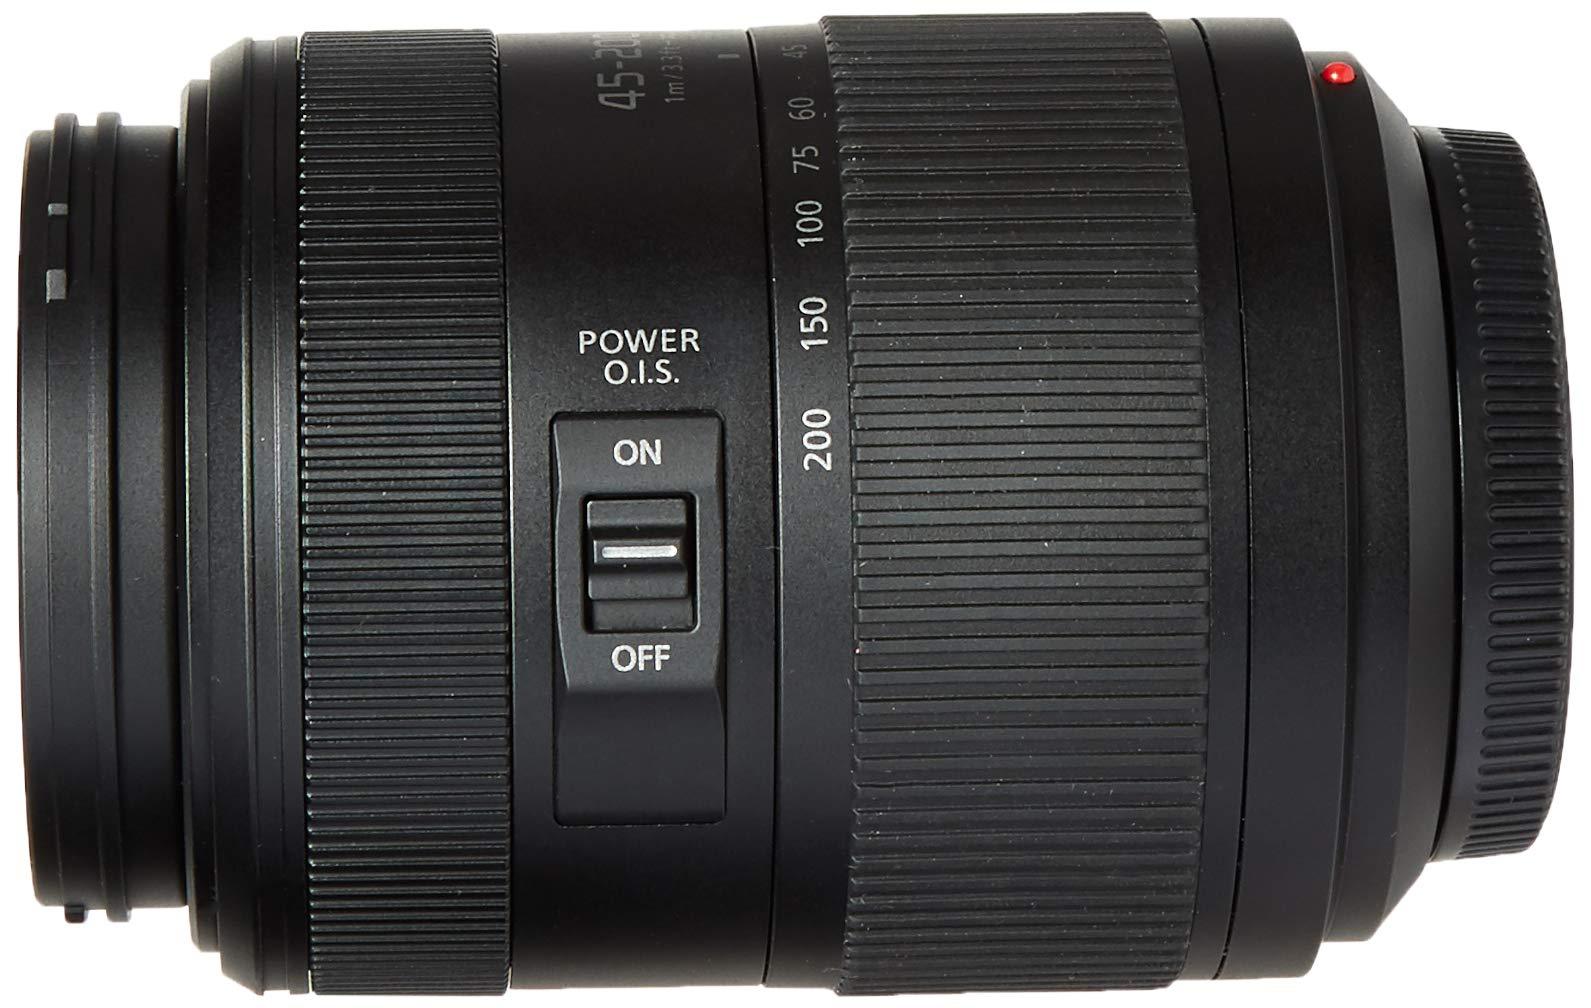 Panasonic Lumix G II Vario Lens, 45-200mm, F4.0-5.6, Mirrorless (H-FSA45200) by Panasonic